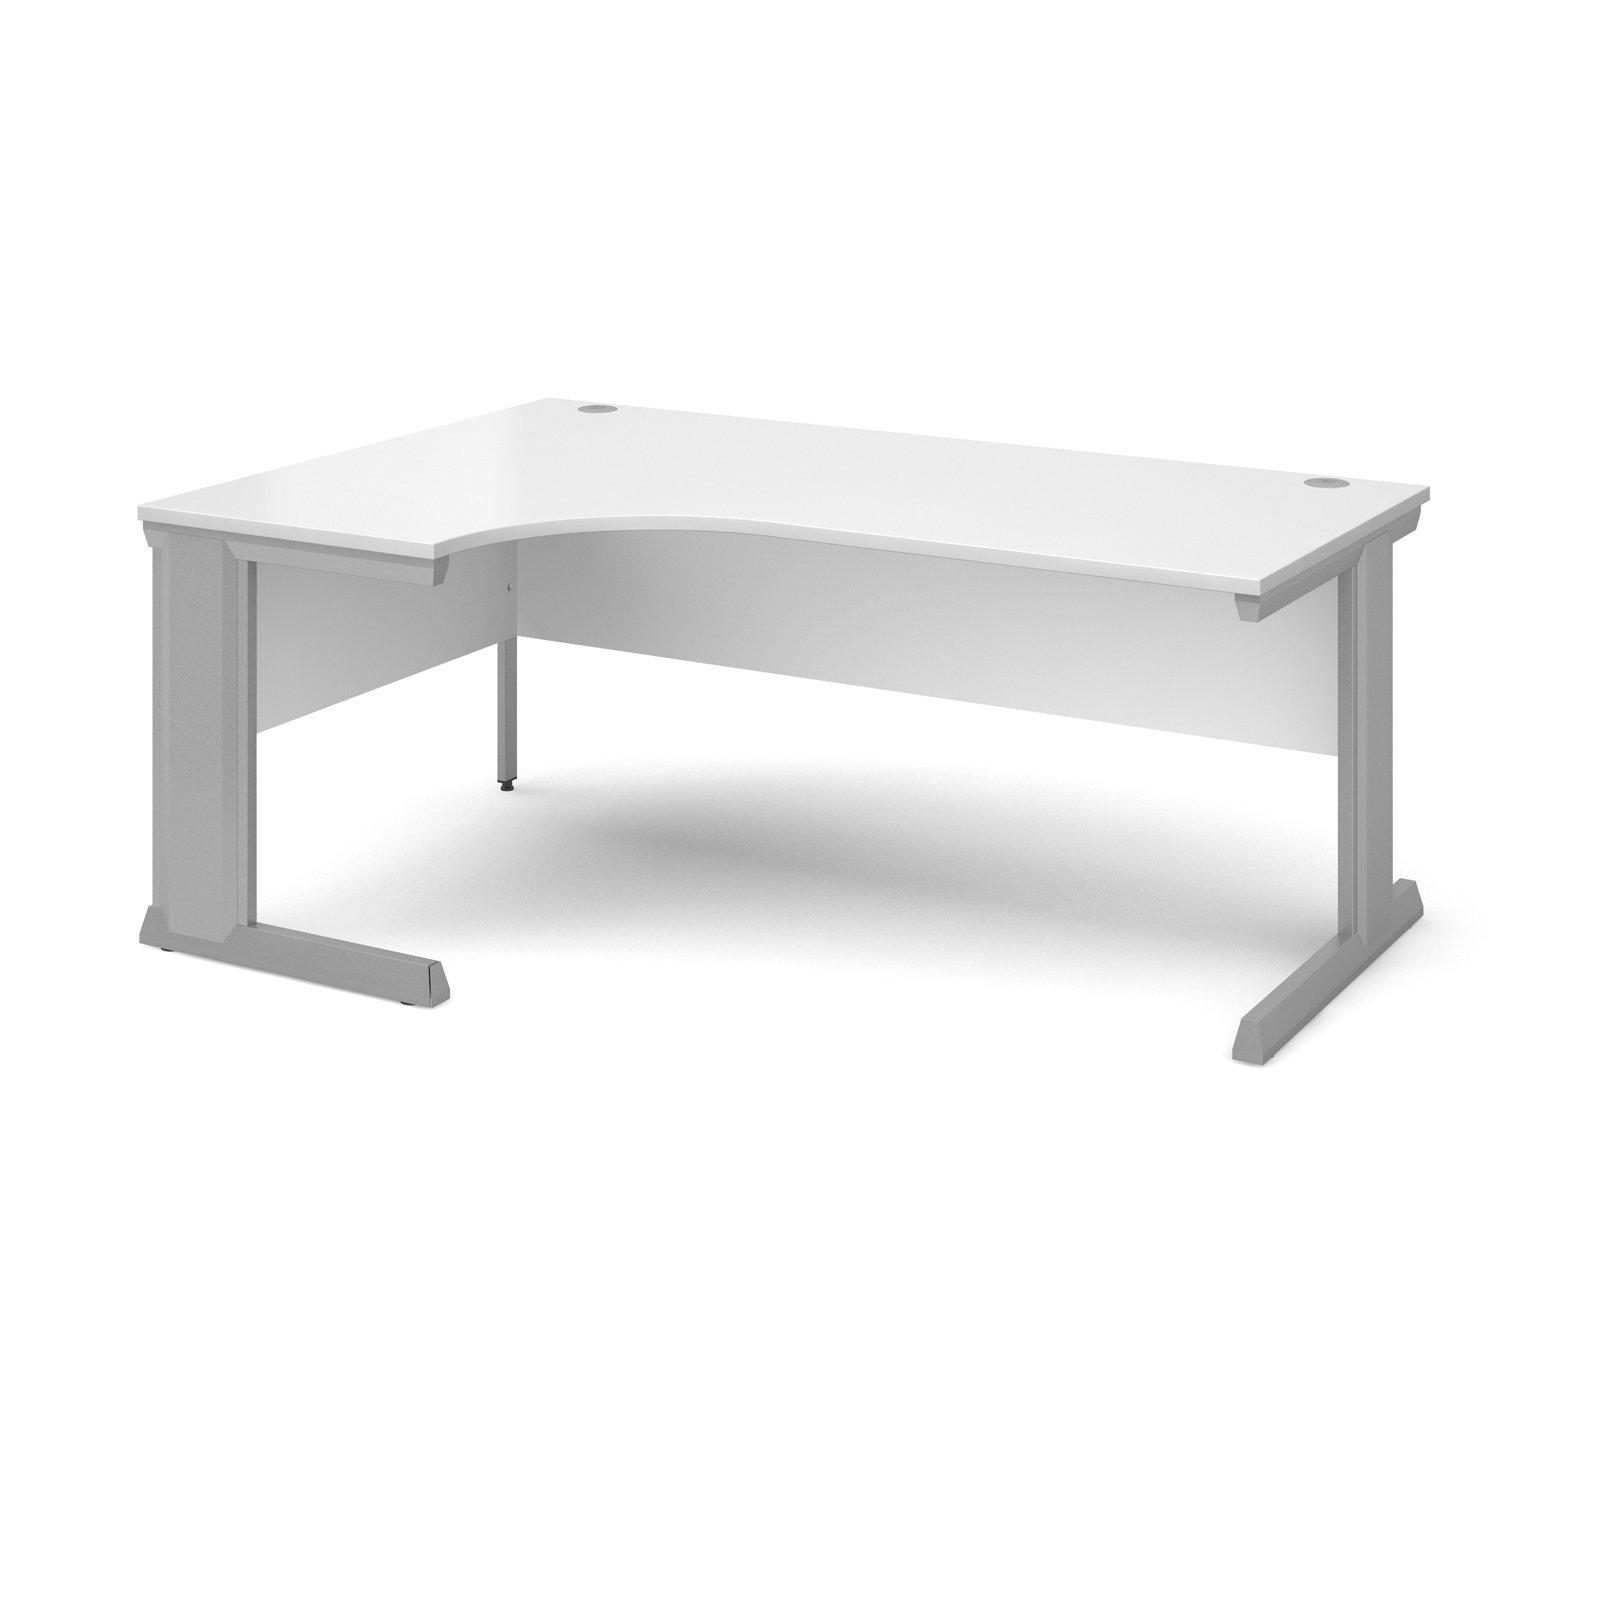 Compare prices for Vivo Left Hand Ergonomic Desk 1800mm - Silver Frame White Top